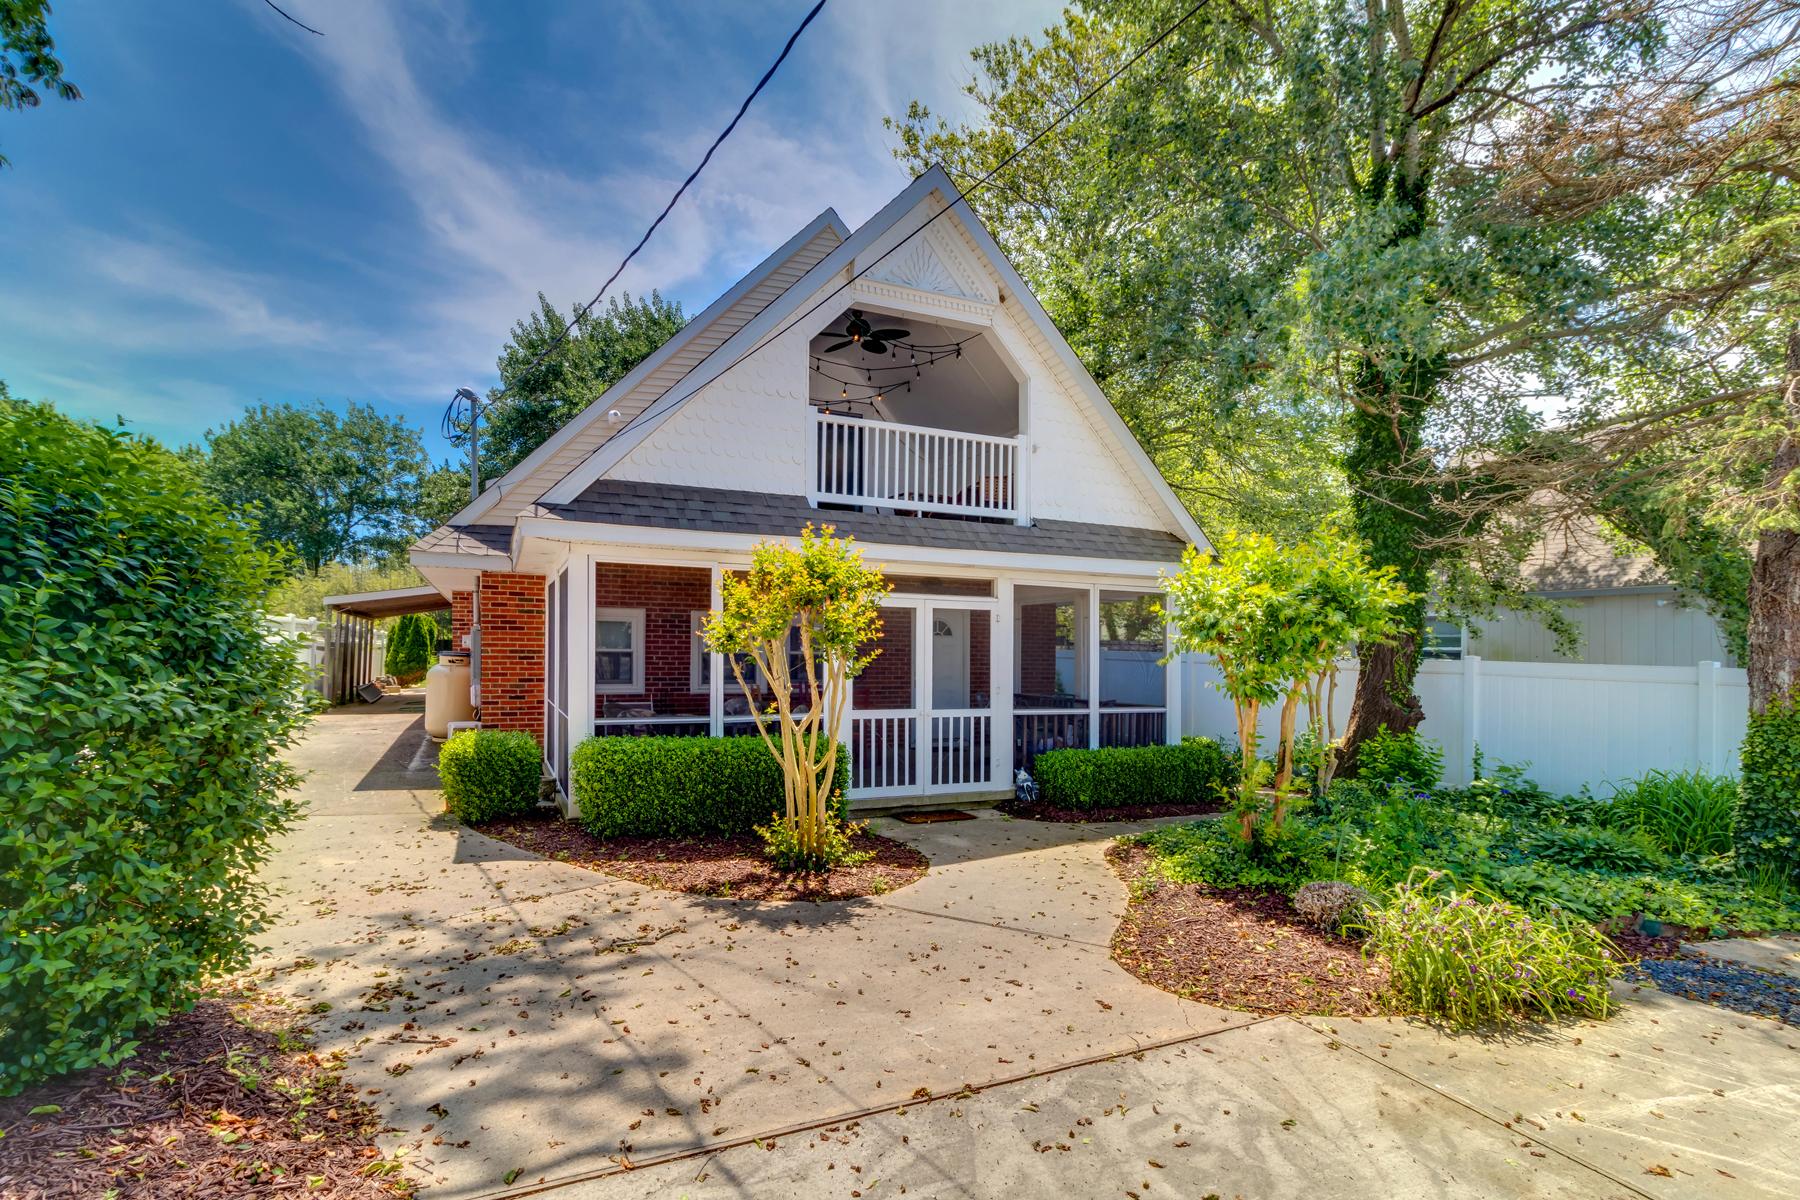 Maison unifamiliale pour l Vente à 20467 Lincoln St , Rehoboth Beach, DE 19971 20467 Lincoln St Rehoboth Beach, Delaware, 19971 États-Unis